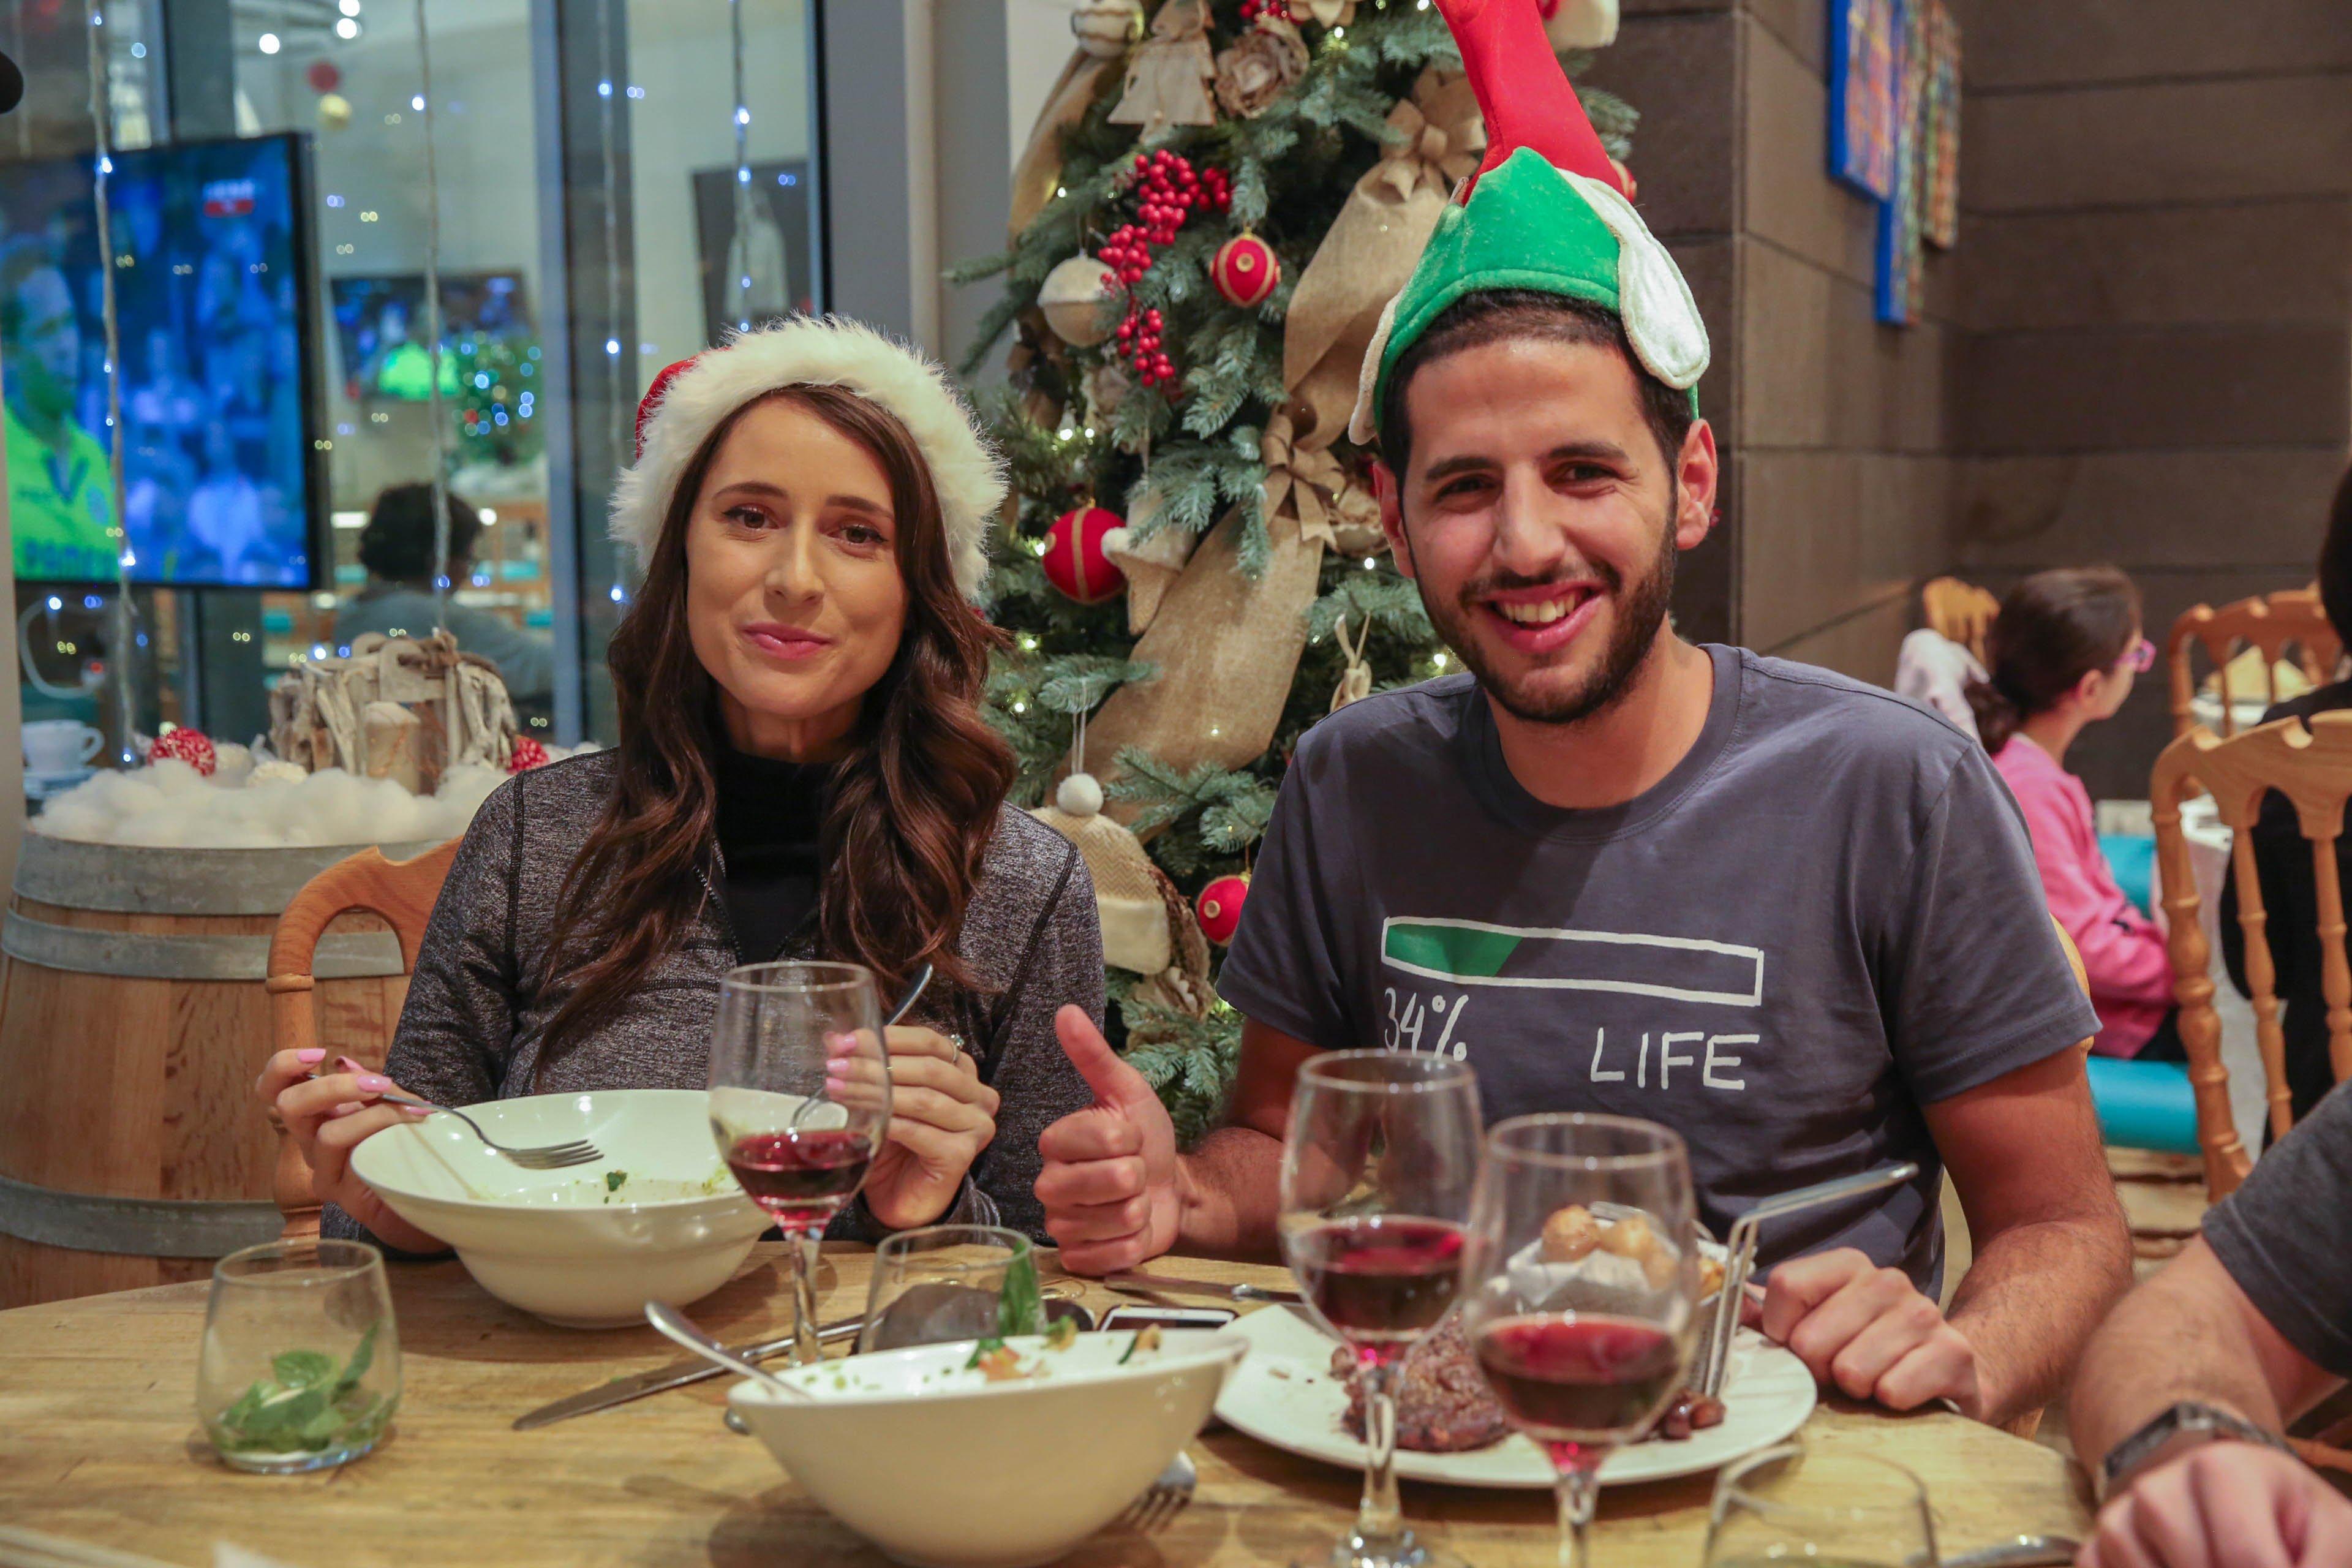 جمعية الناصرة تستقبل ناس ديلي في مسيرة الميلاد!